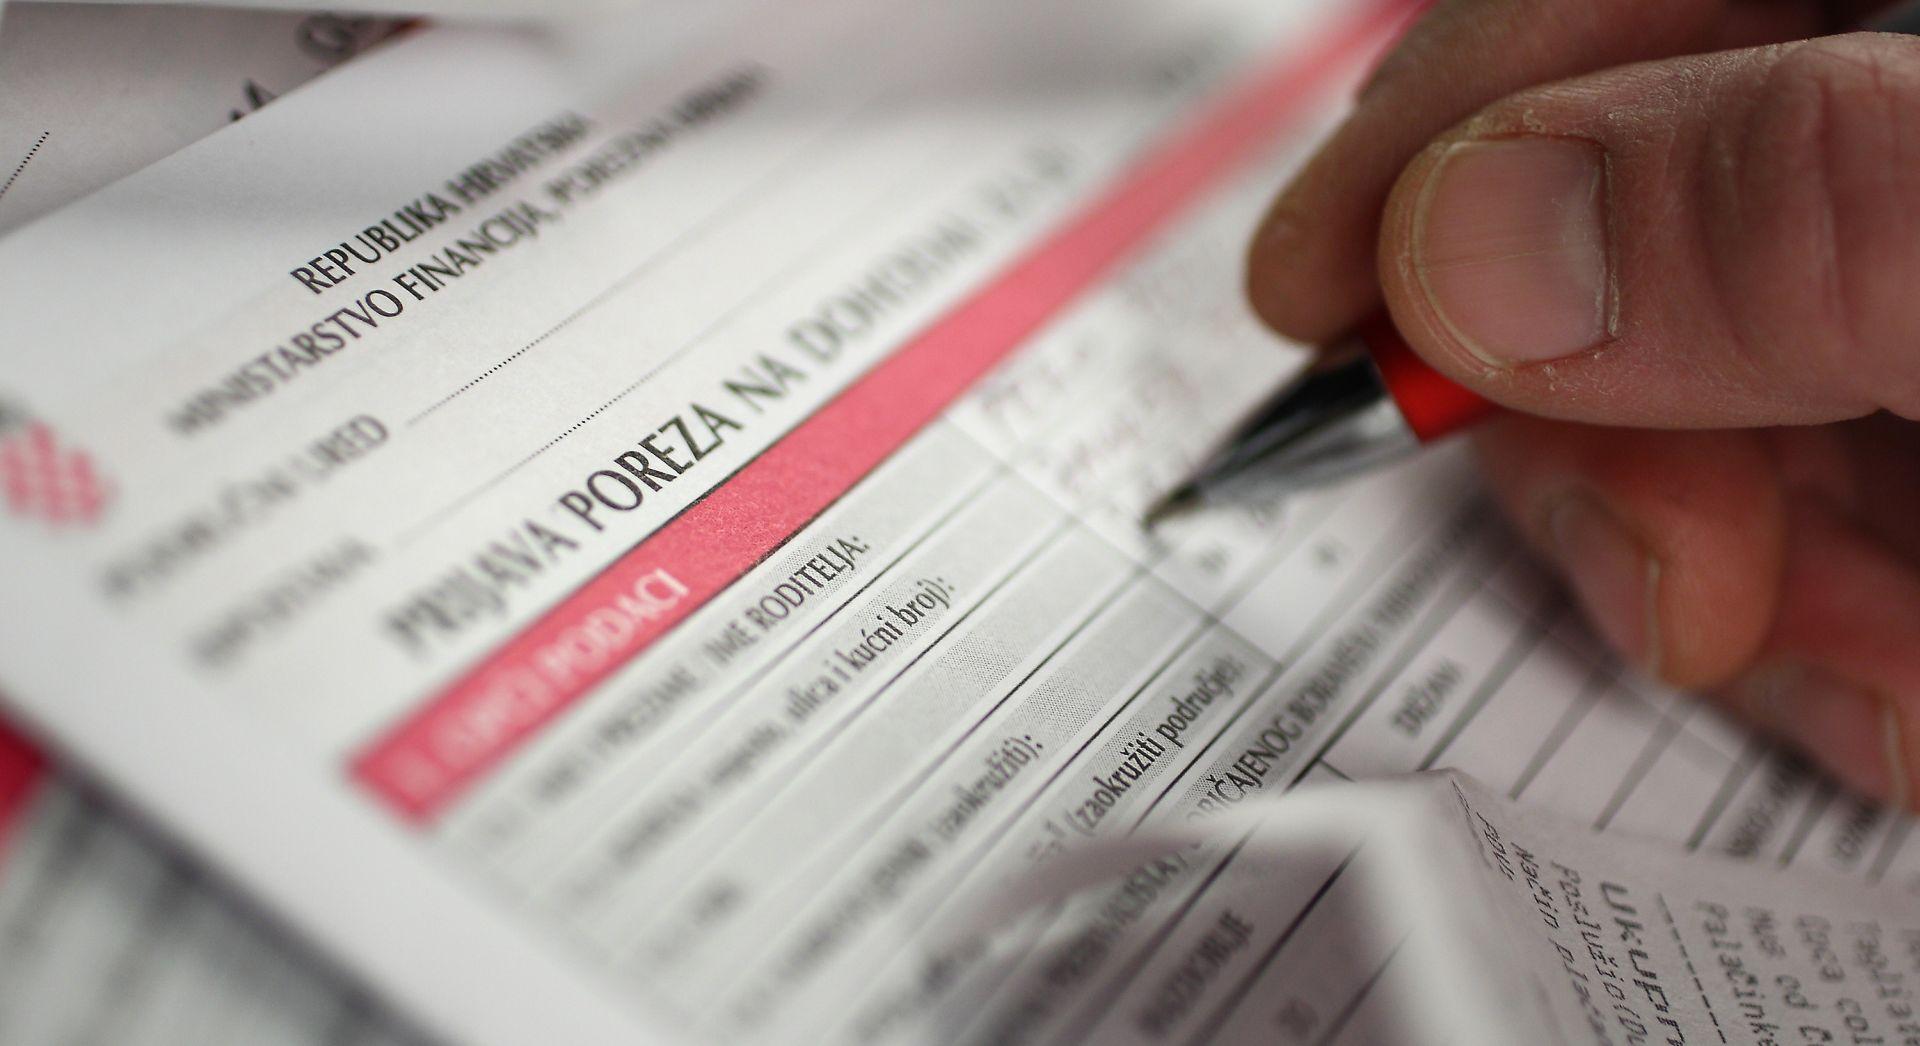 POREZNA UPRAVA Rješenja o povratu poreza do 15. srpnja, povrat u kolovozu